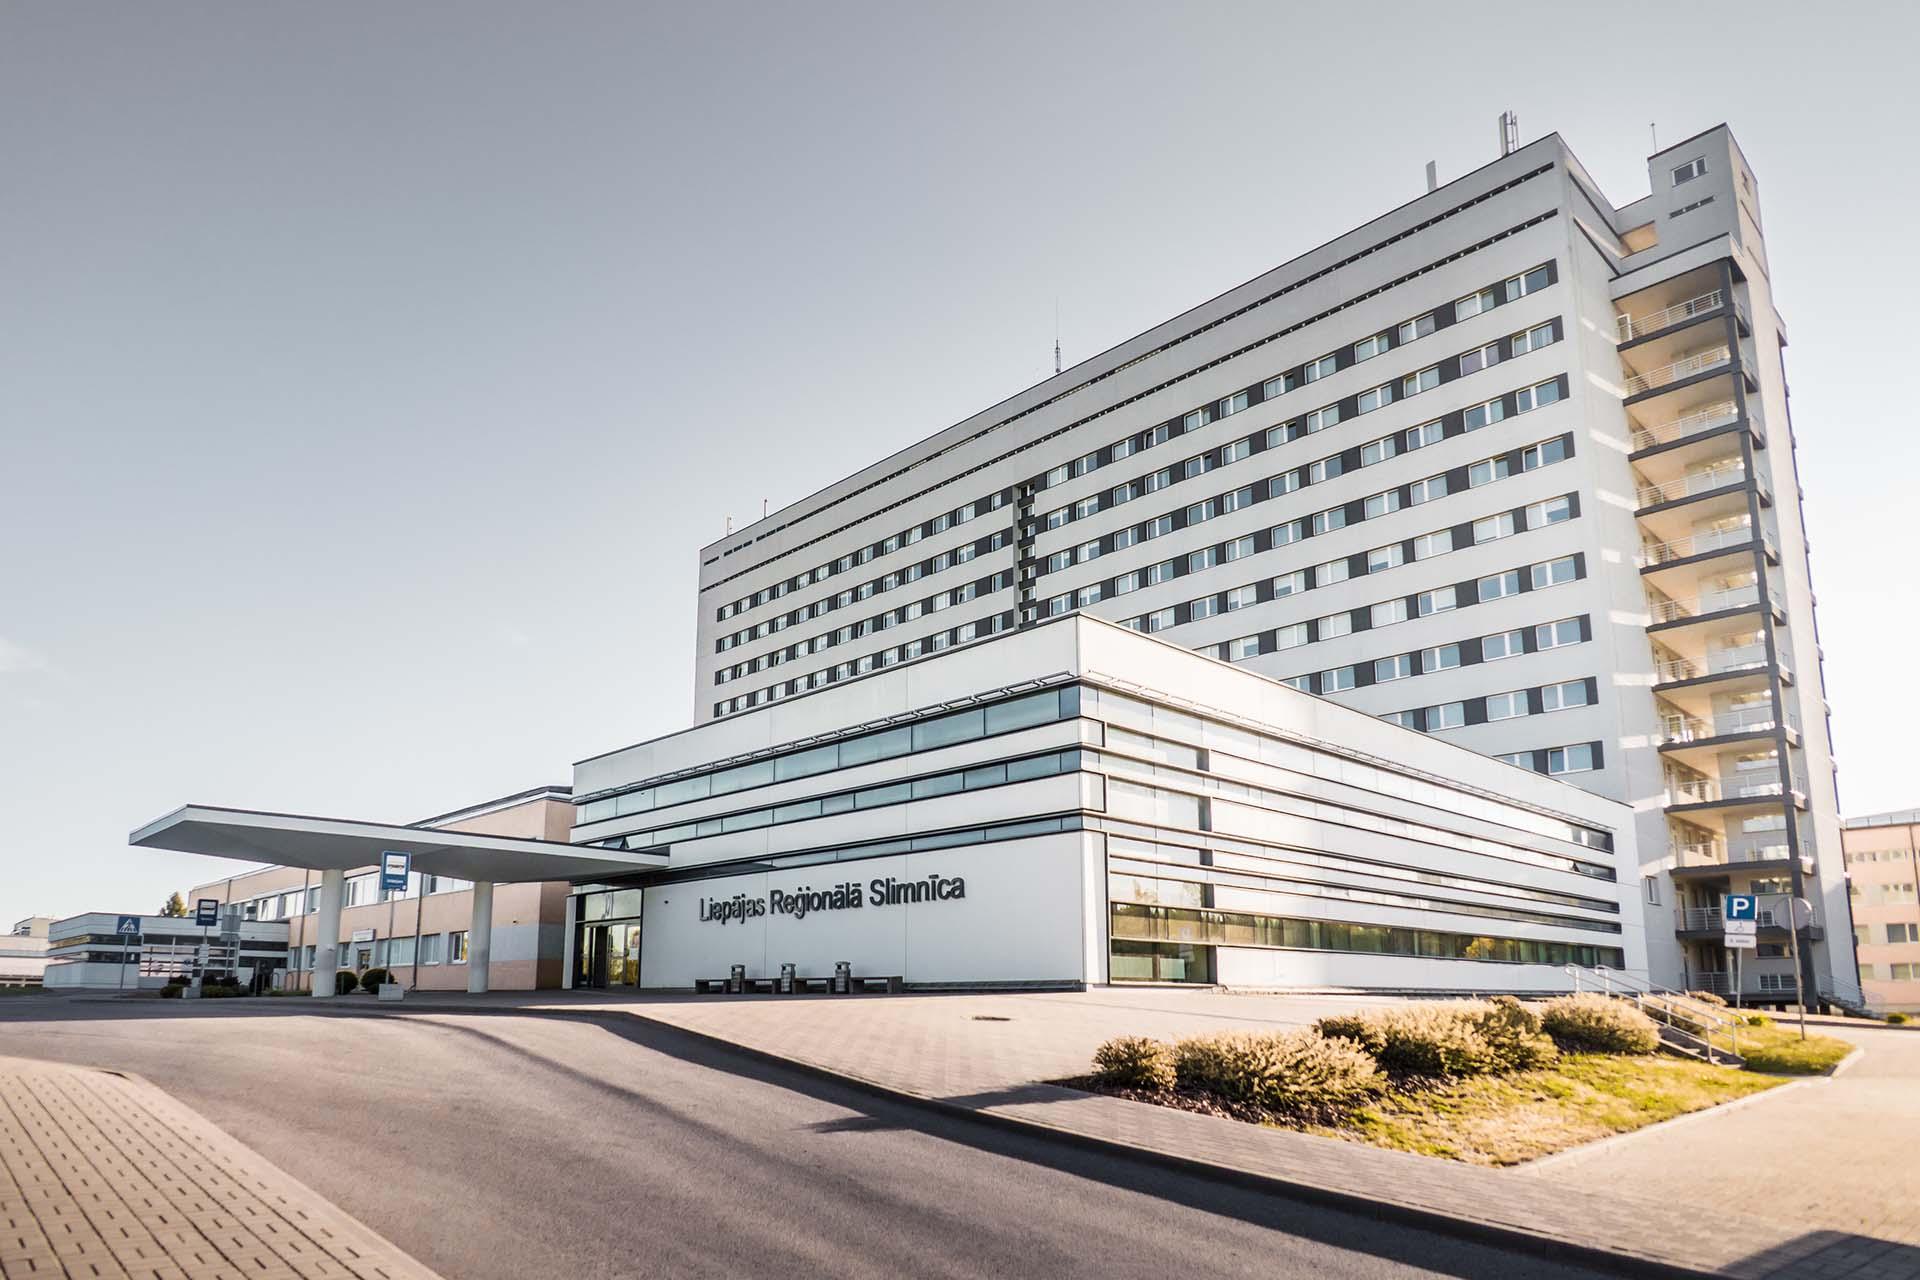 Liepājas reģionālā slimnīca